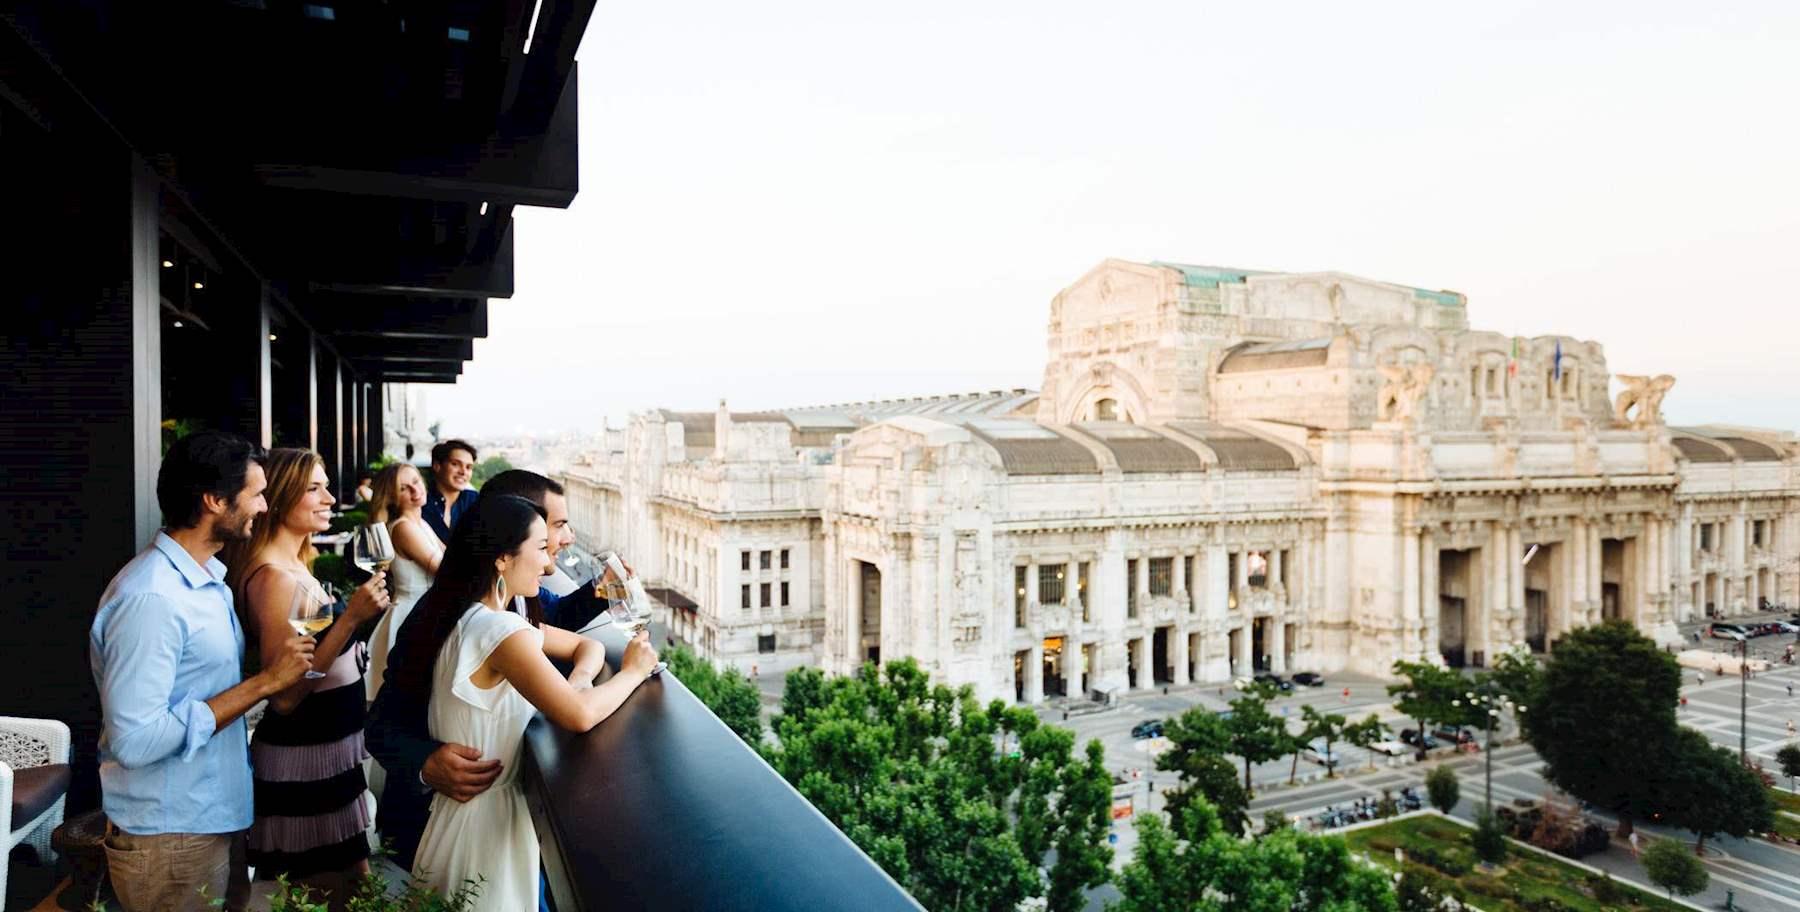 Hotel Per Eventi In Terrazza A Milano 5 Rooftop Da Non Perdere